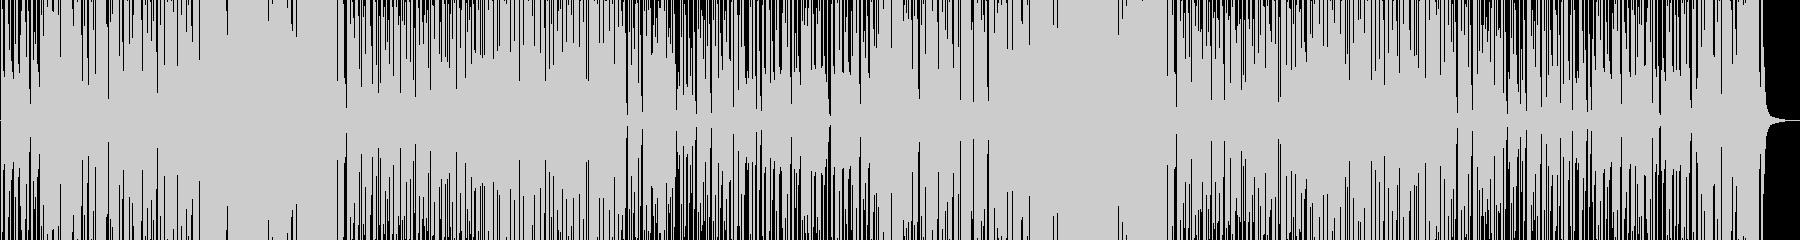 子供っぽくてかわいいリコーダー曲の未再生の波形